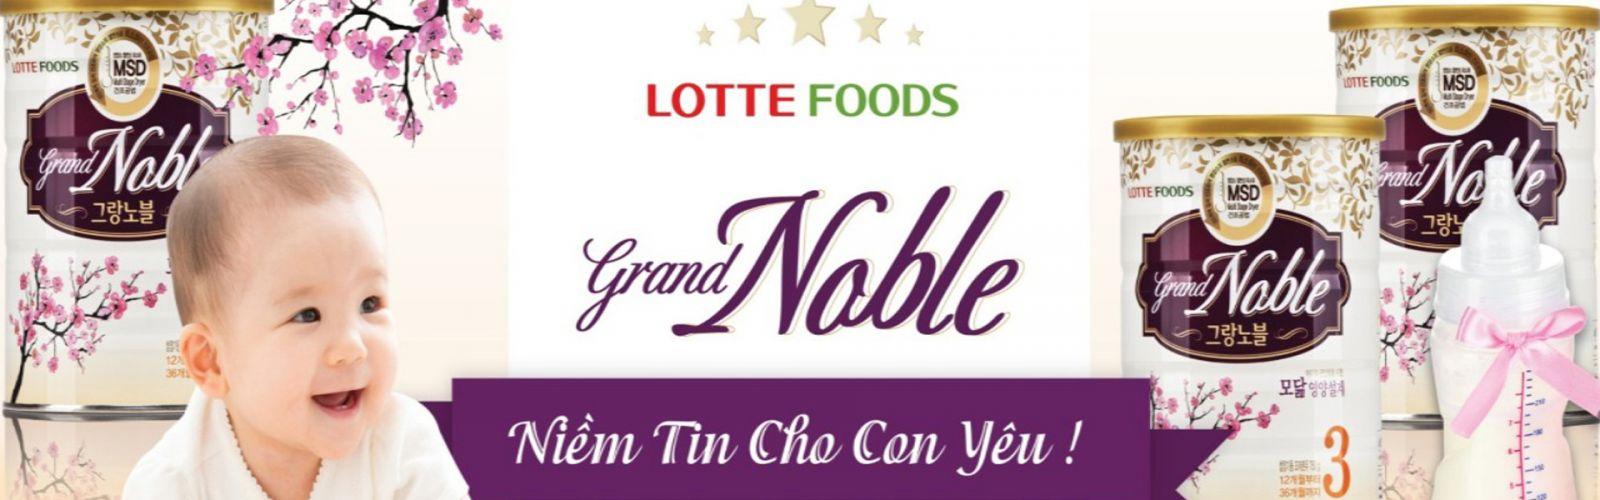 Sữa Grand Noble có tốt không? Có ưu điểm gì nổi bật?